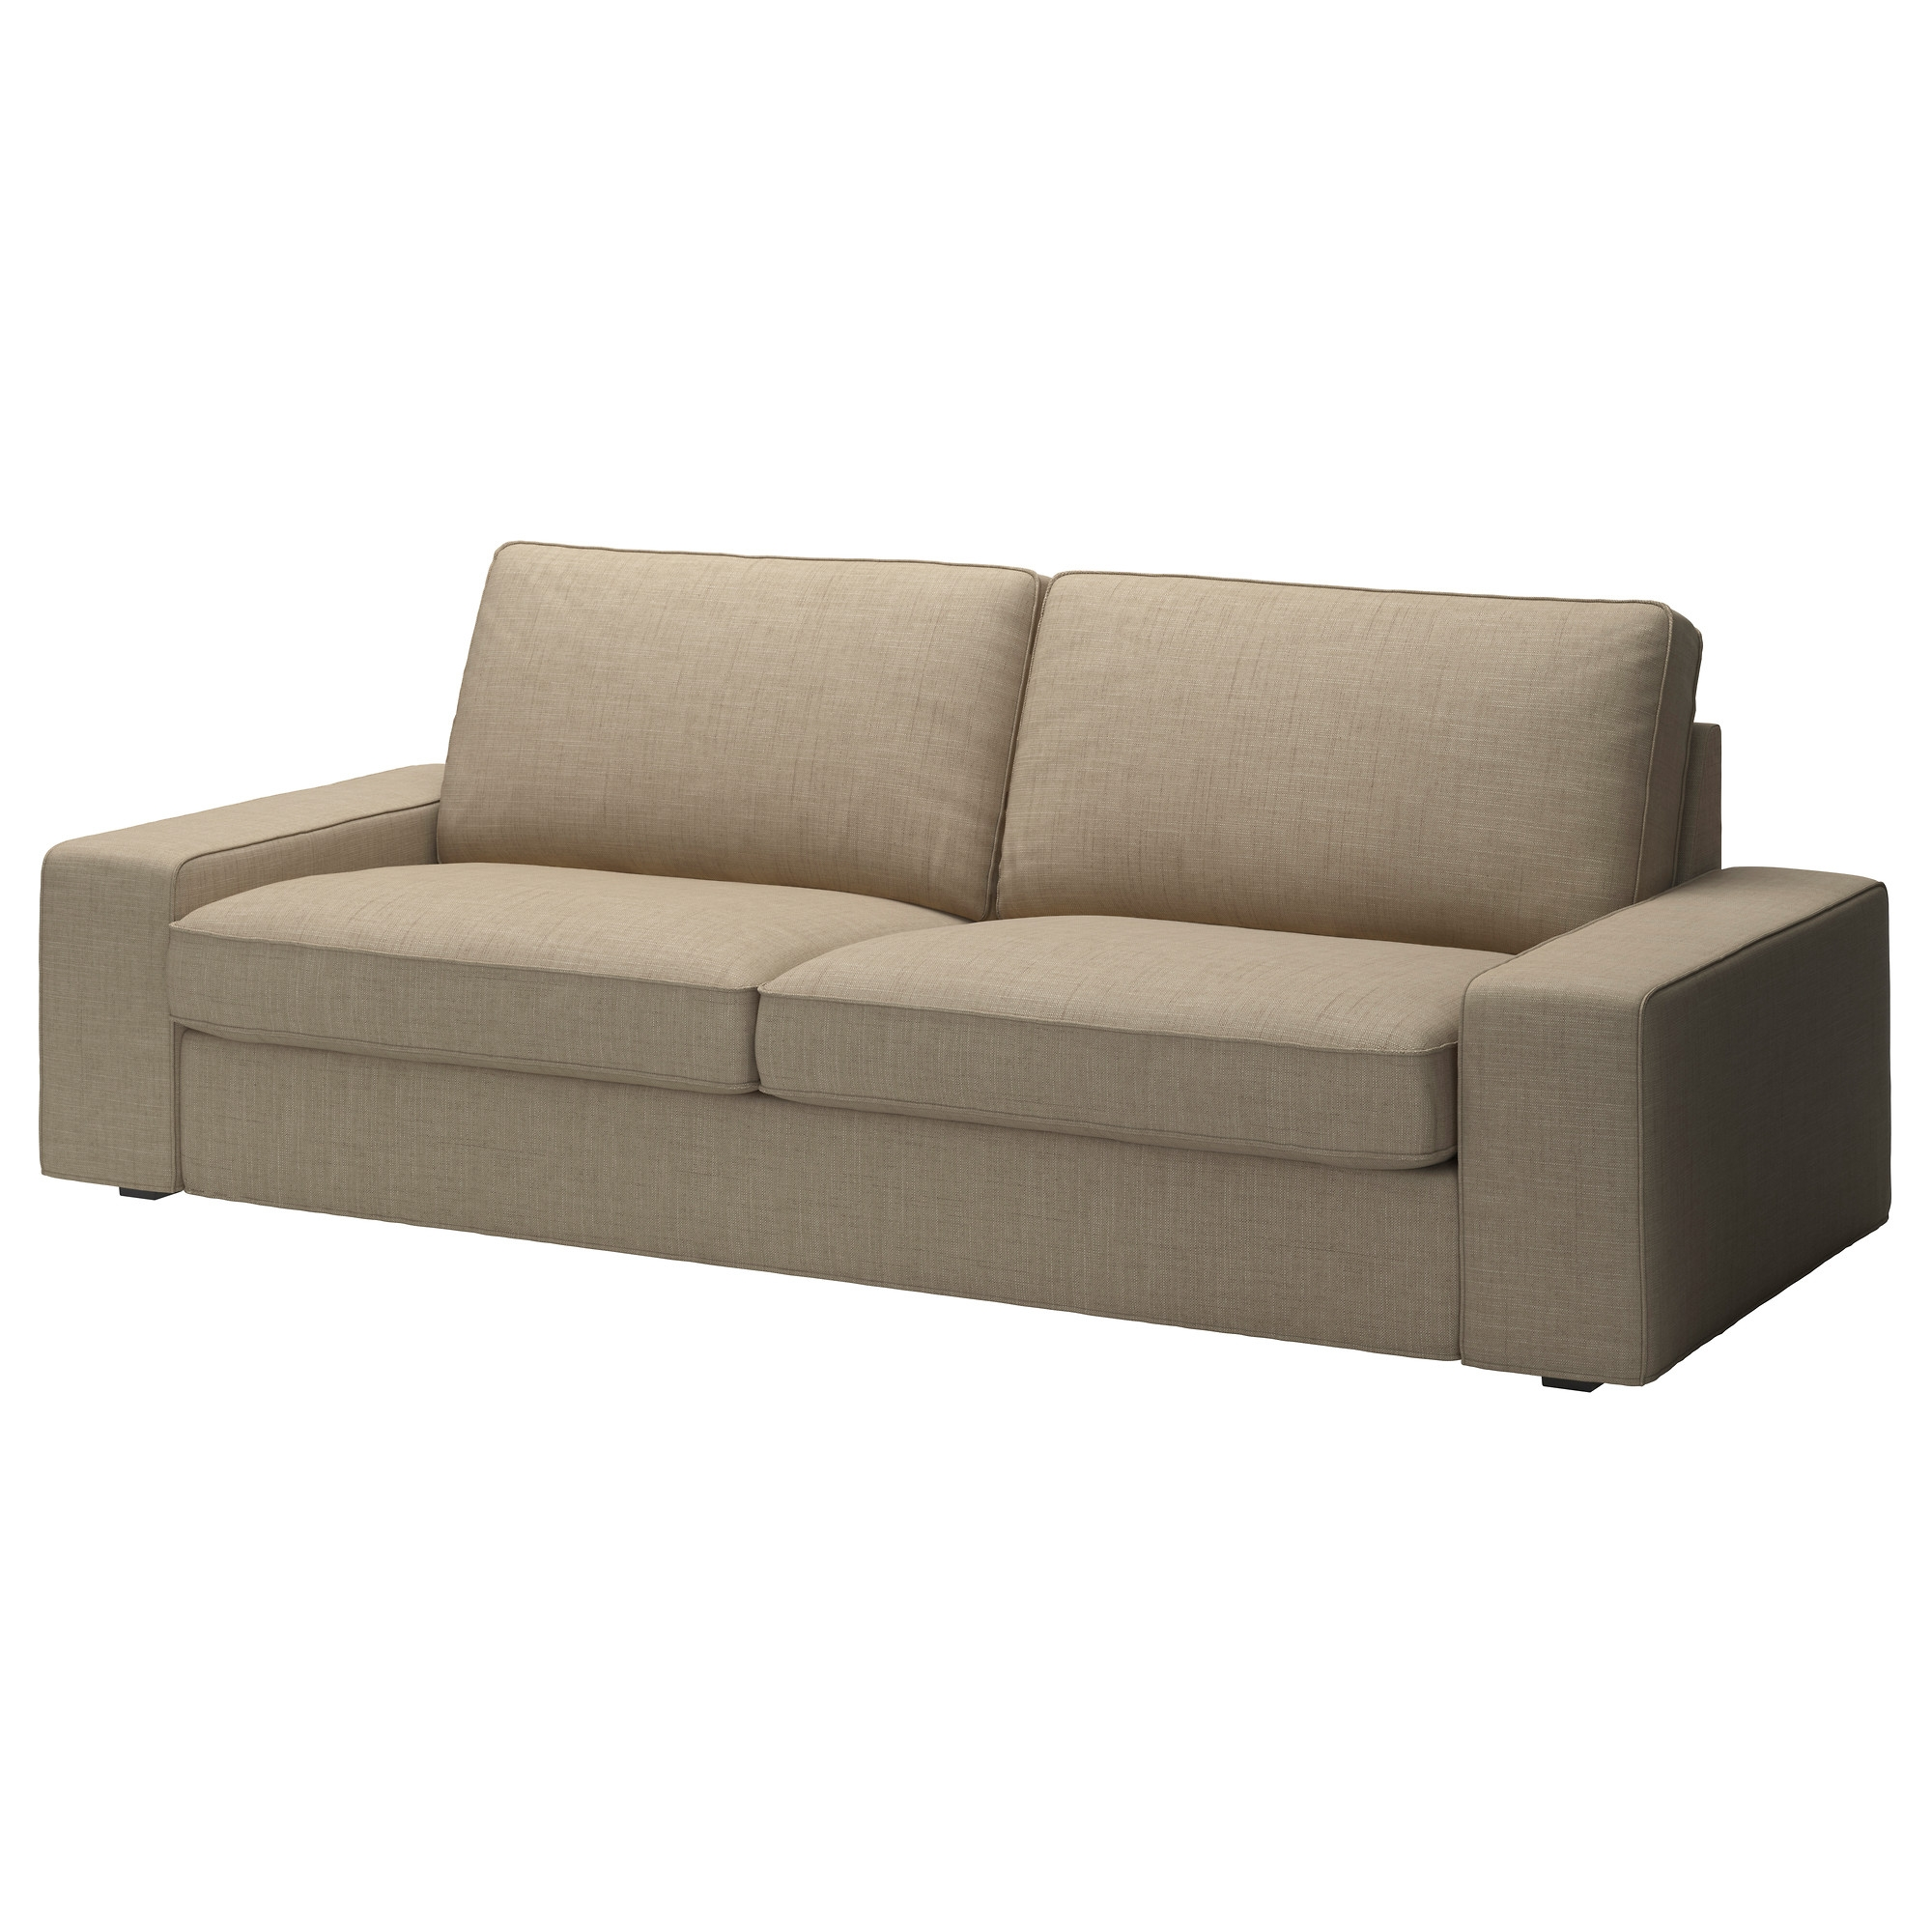 Kivik funda para sof de 3 plazas - Funda sofa kivik ...